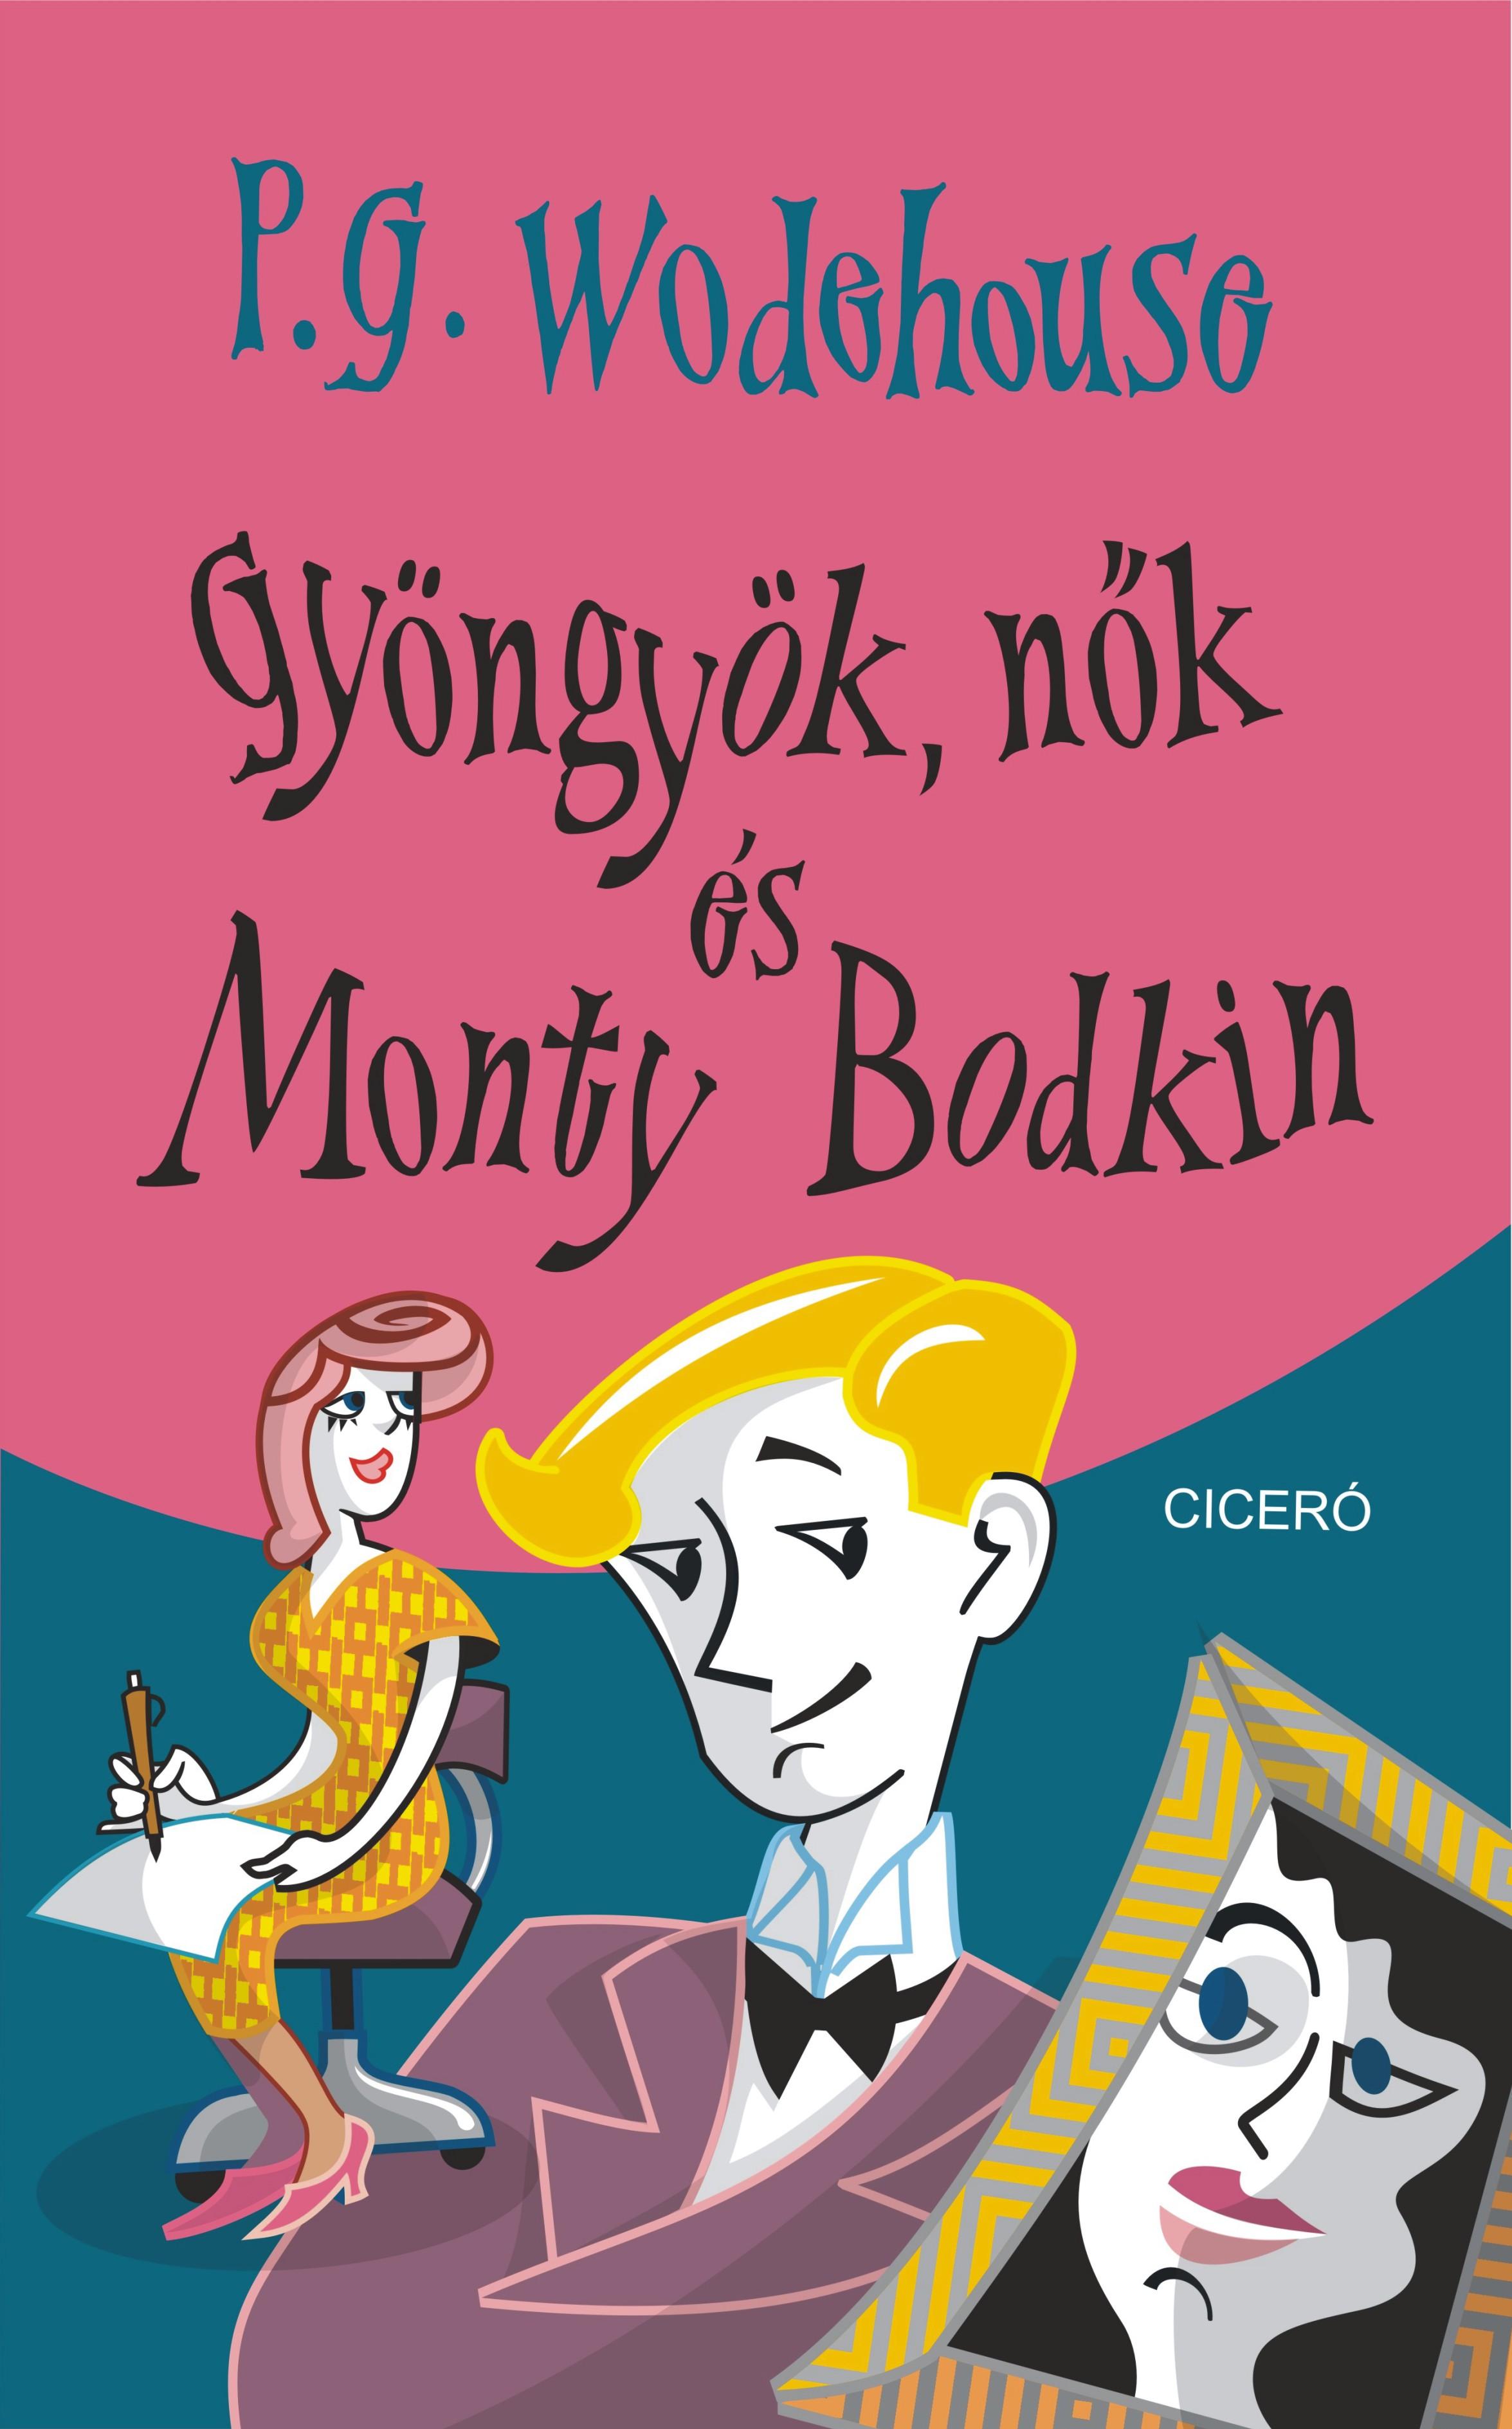 Gyöngyök, nők és Monty Bodkin